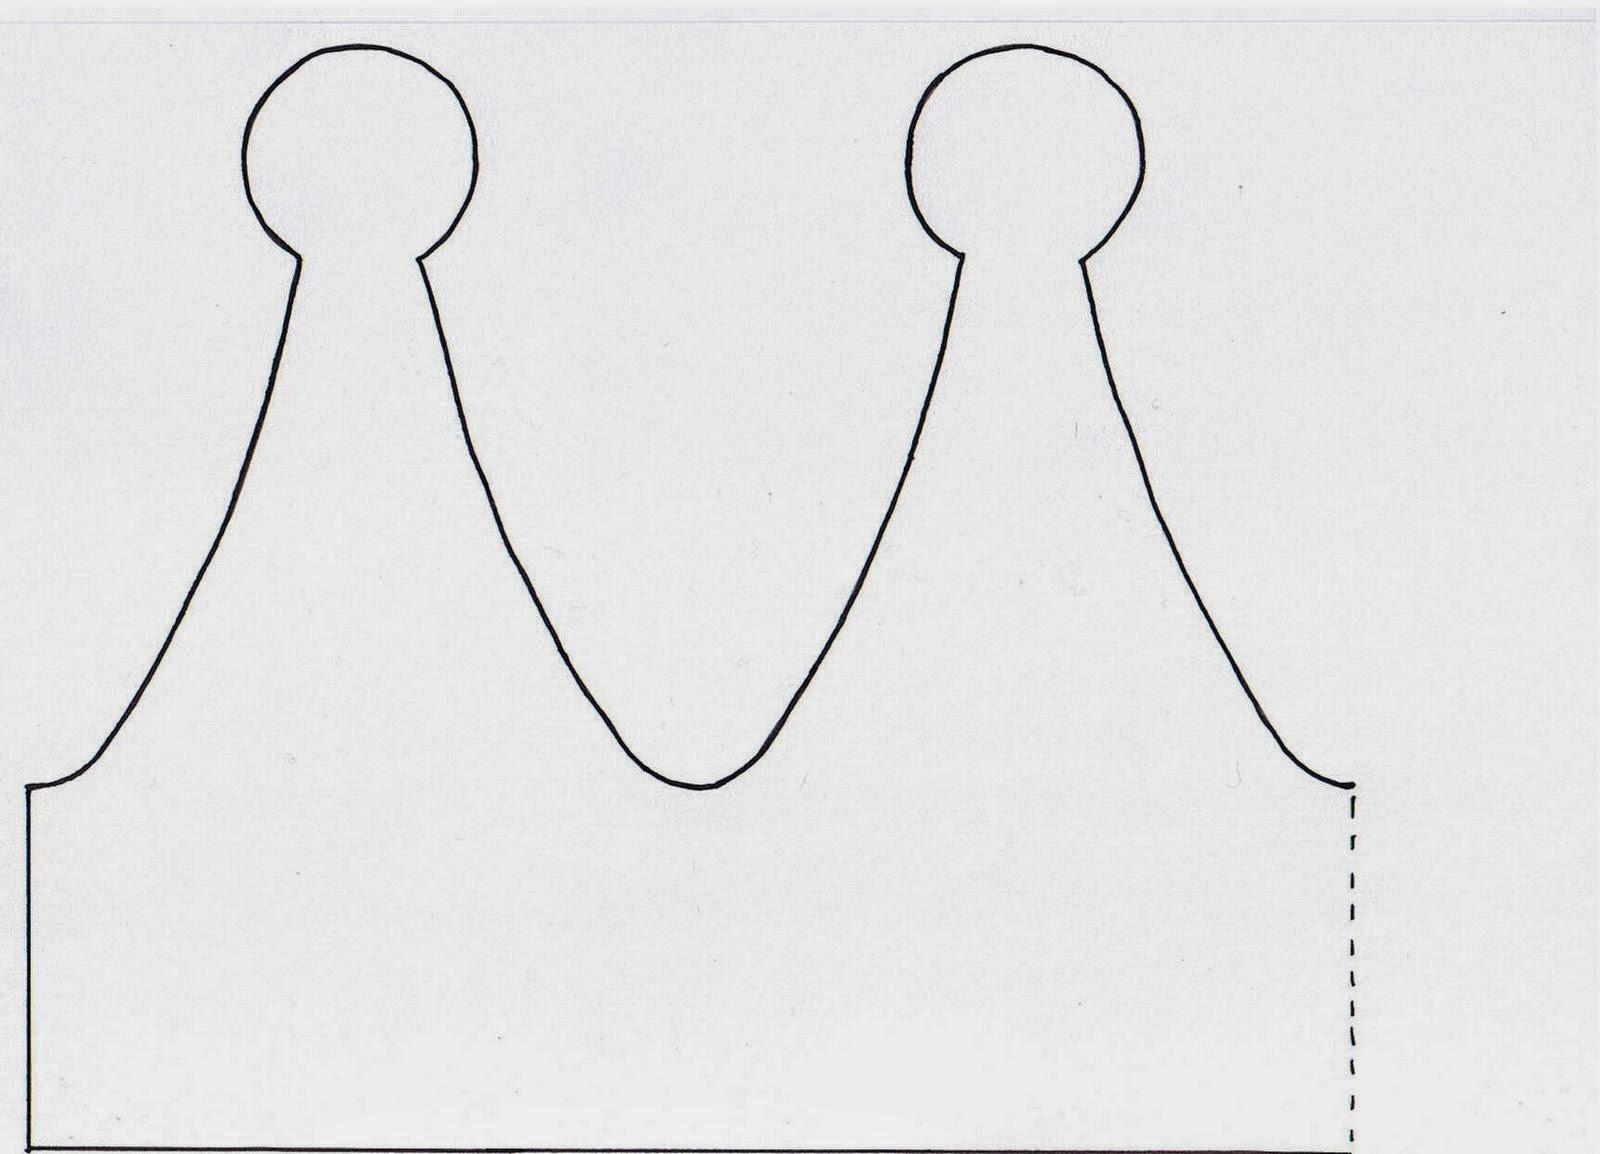 Wiring Diagram For 2013 Polaris Ranger 900